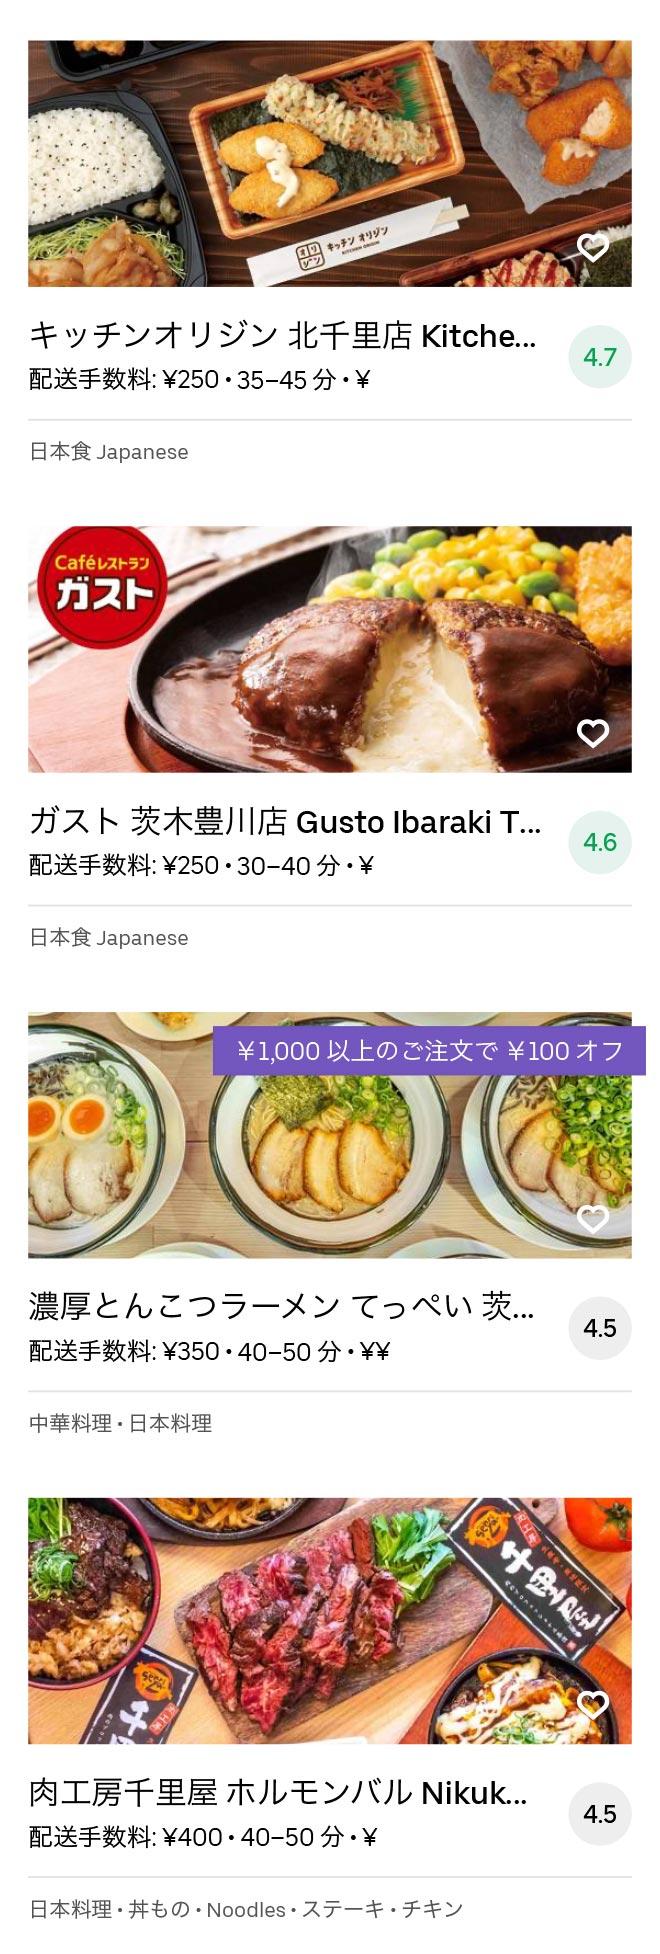 Handai byoin menu 2008 03